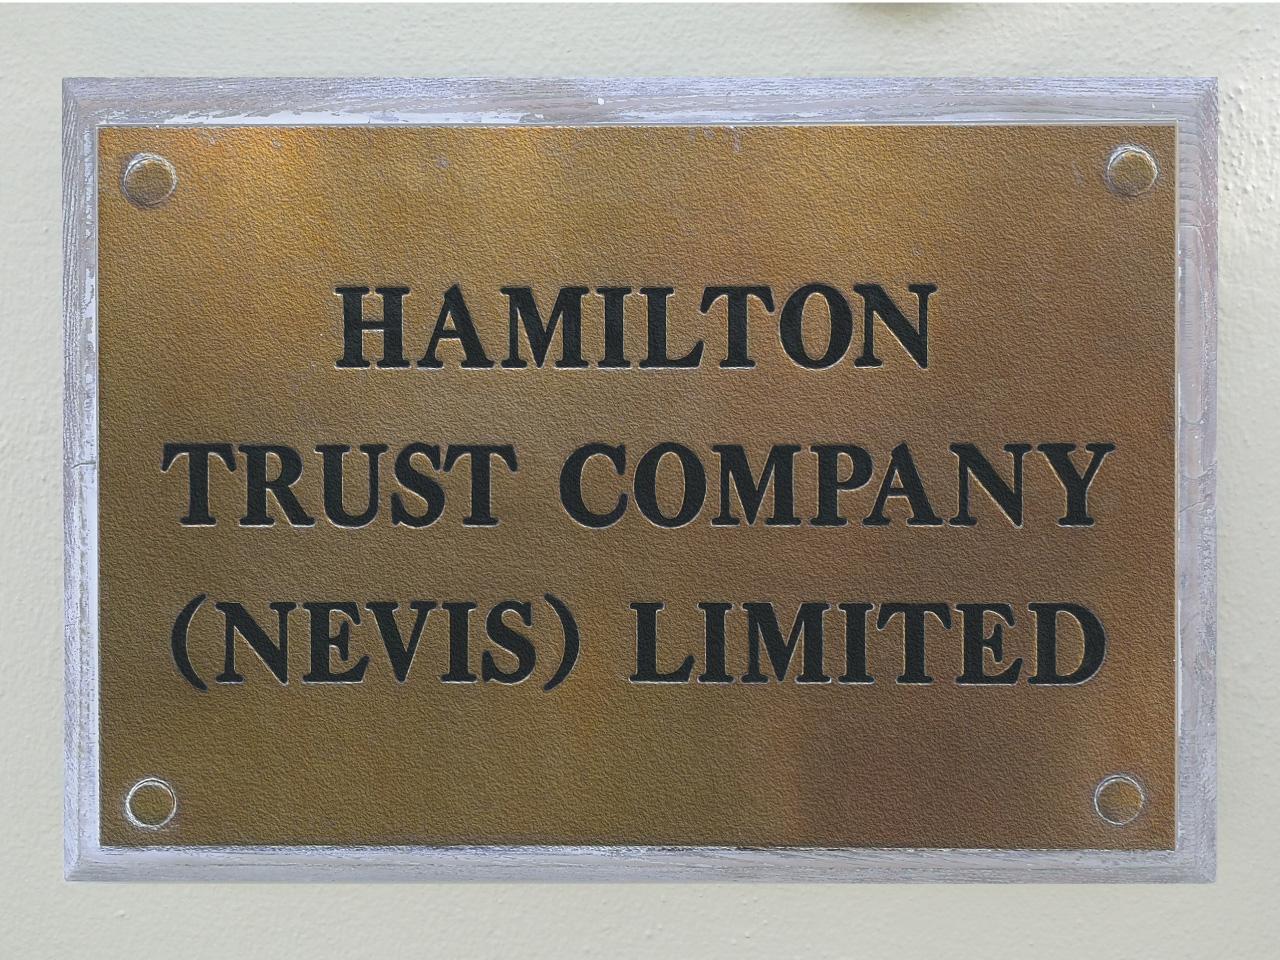 Hamilton Trust Company | Efficient Trust Company